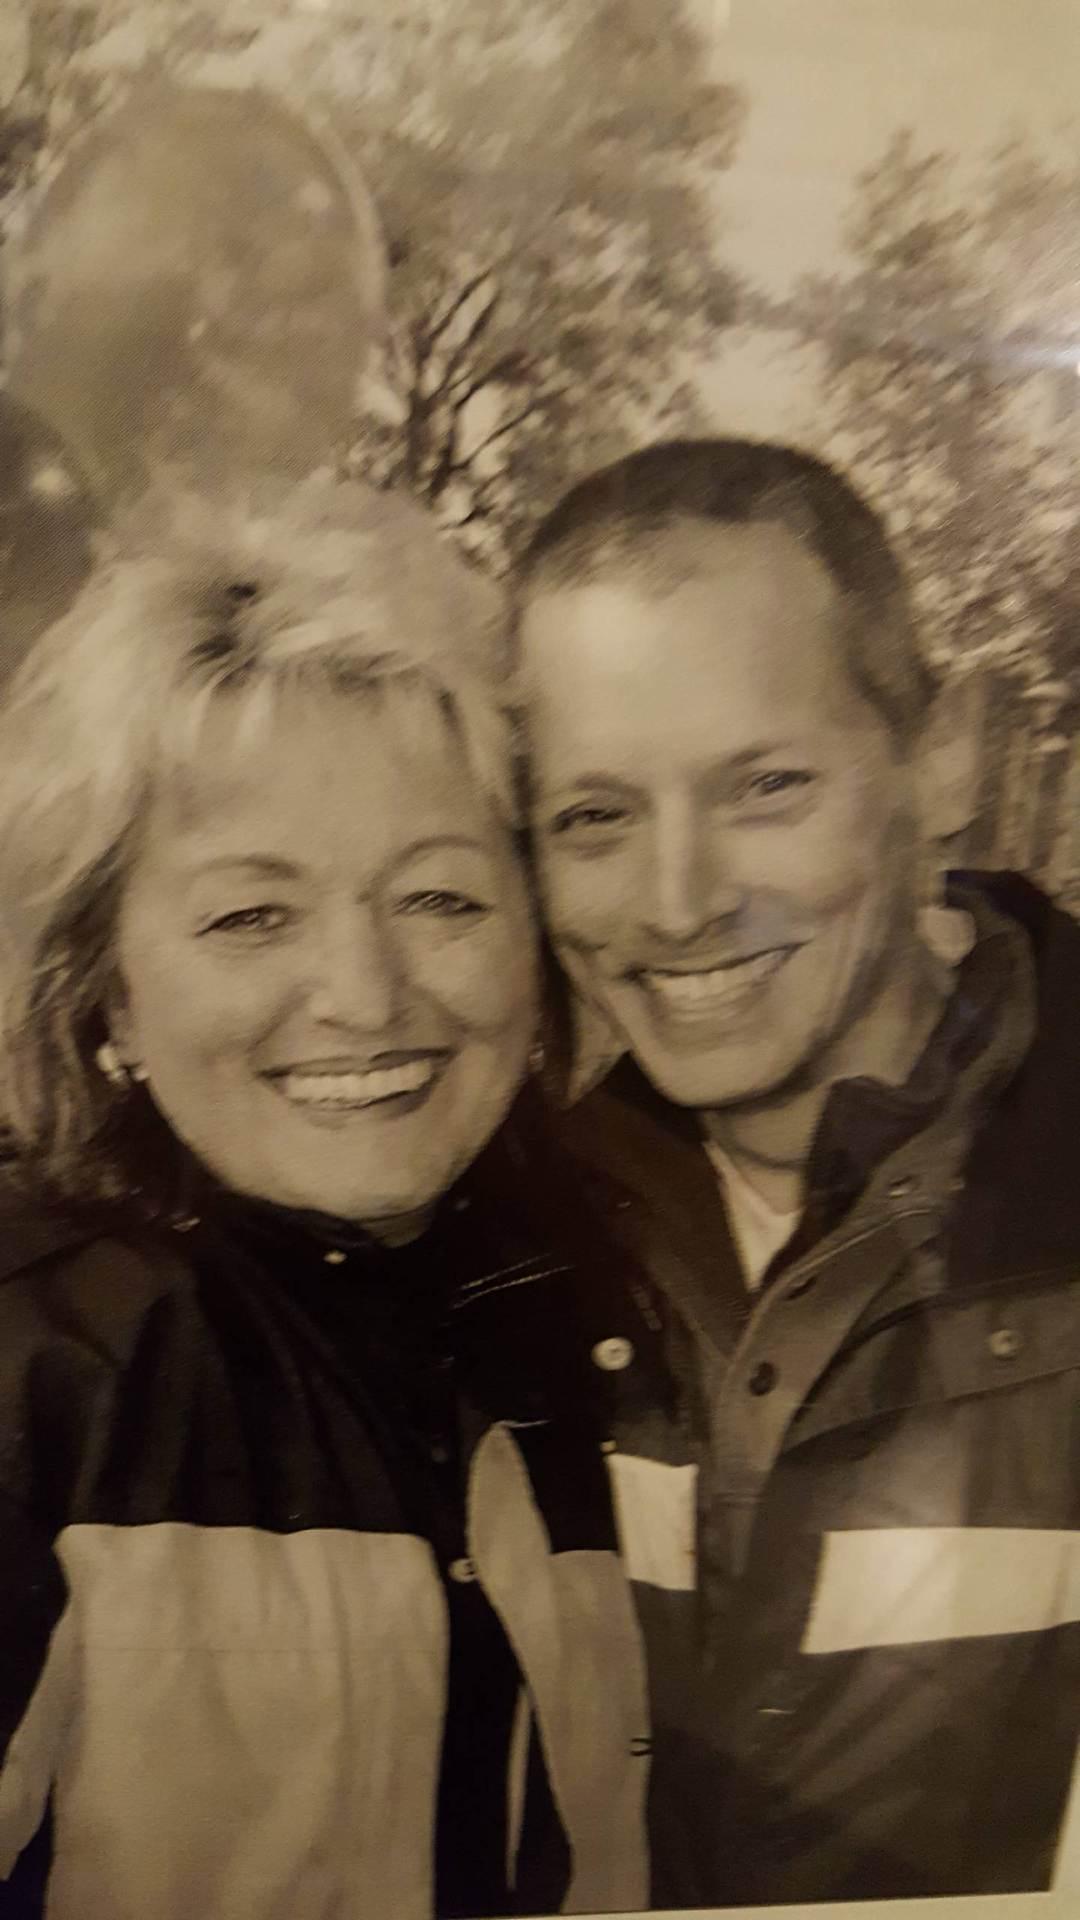 Gaby und Ewald kurz nach ihrem Kennenlernen 2005